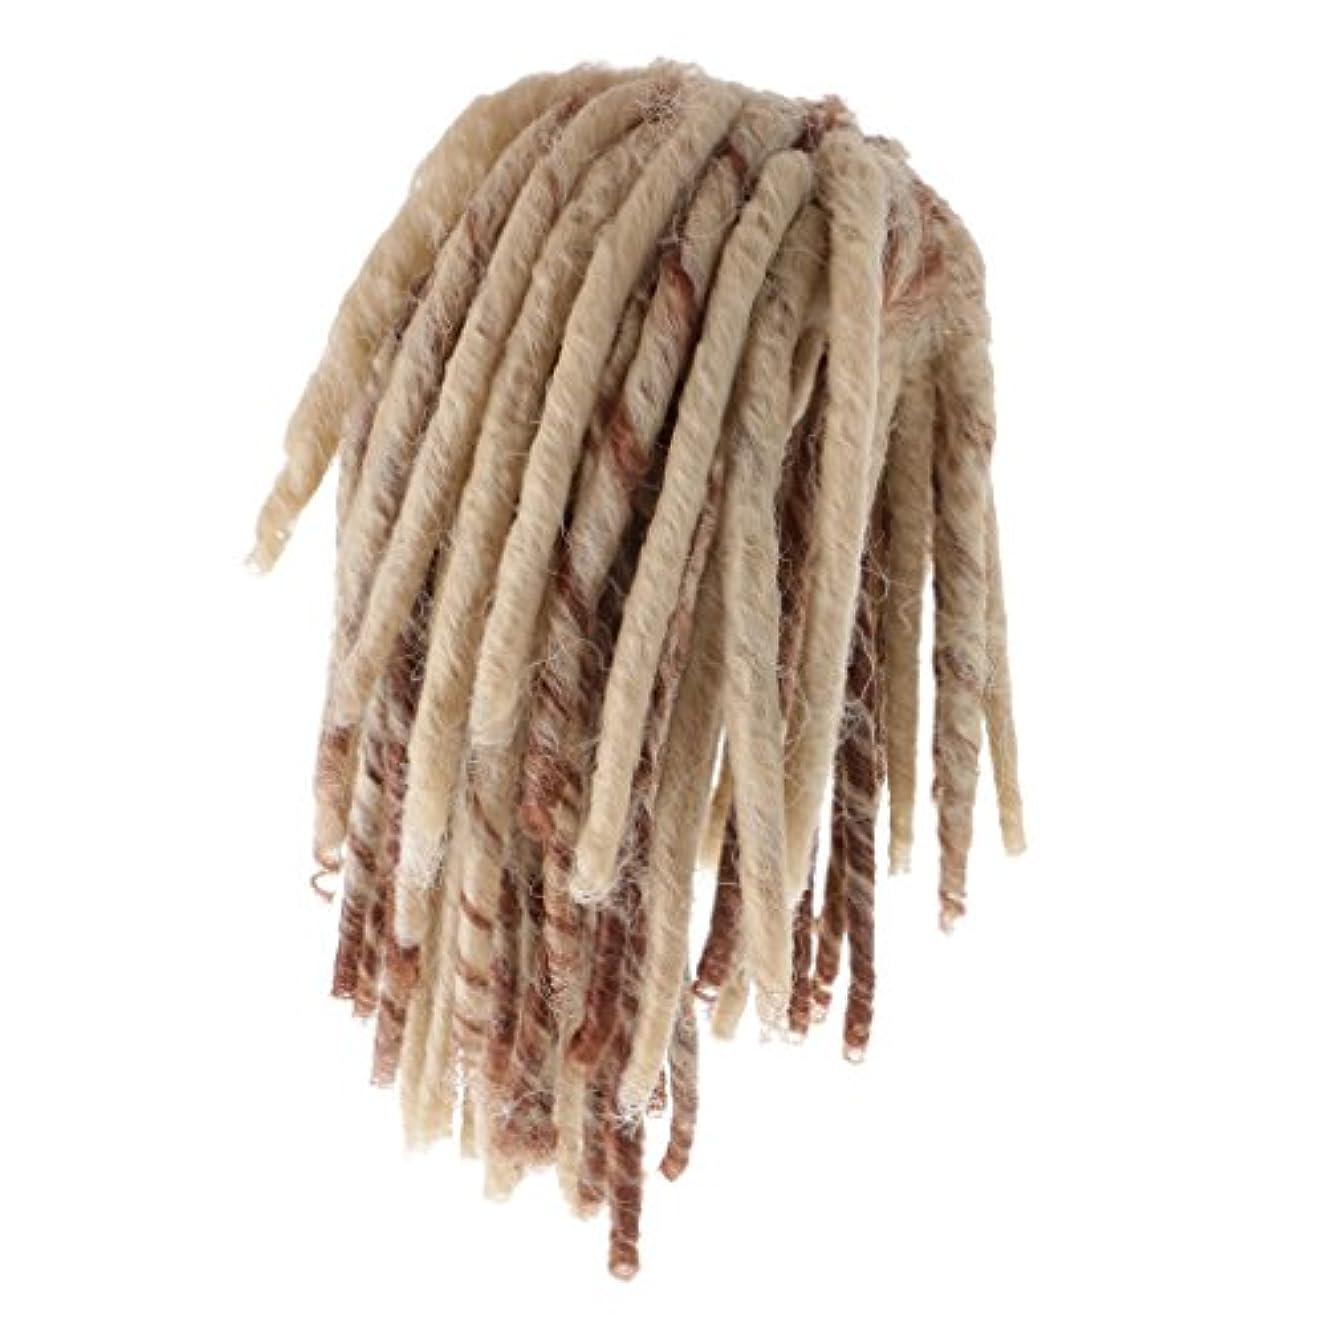 上に応援する掃除Dovewill 人形用ウィッグ  ドレッドかつら  カーリー かつら  髪 ヘア 18インチドール用  DIY修理用品  全2色  - ブラウン